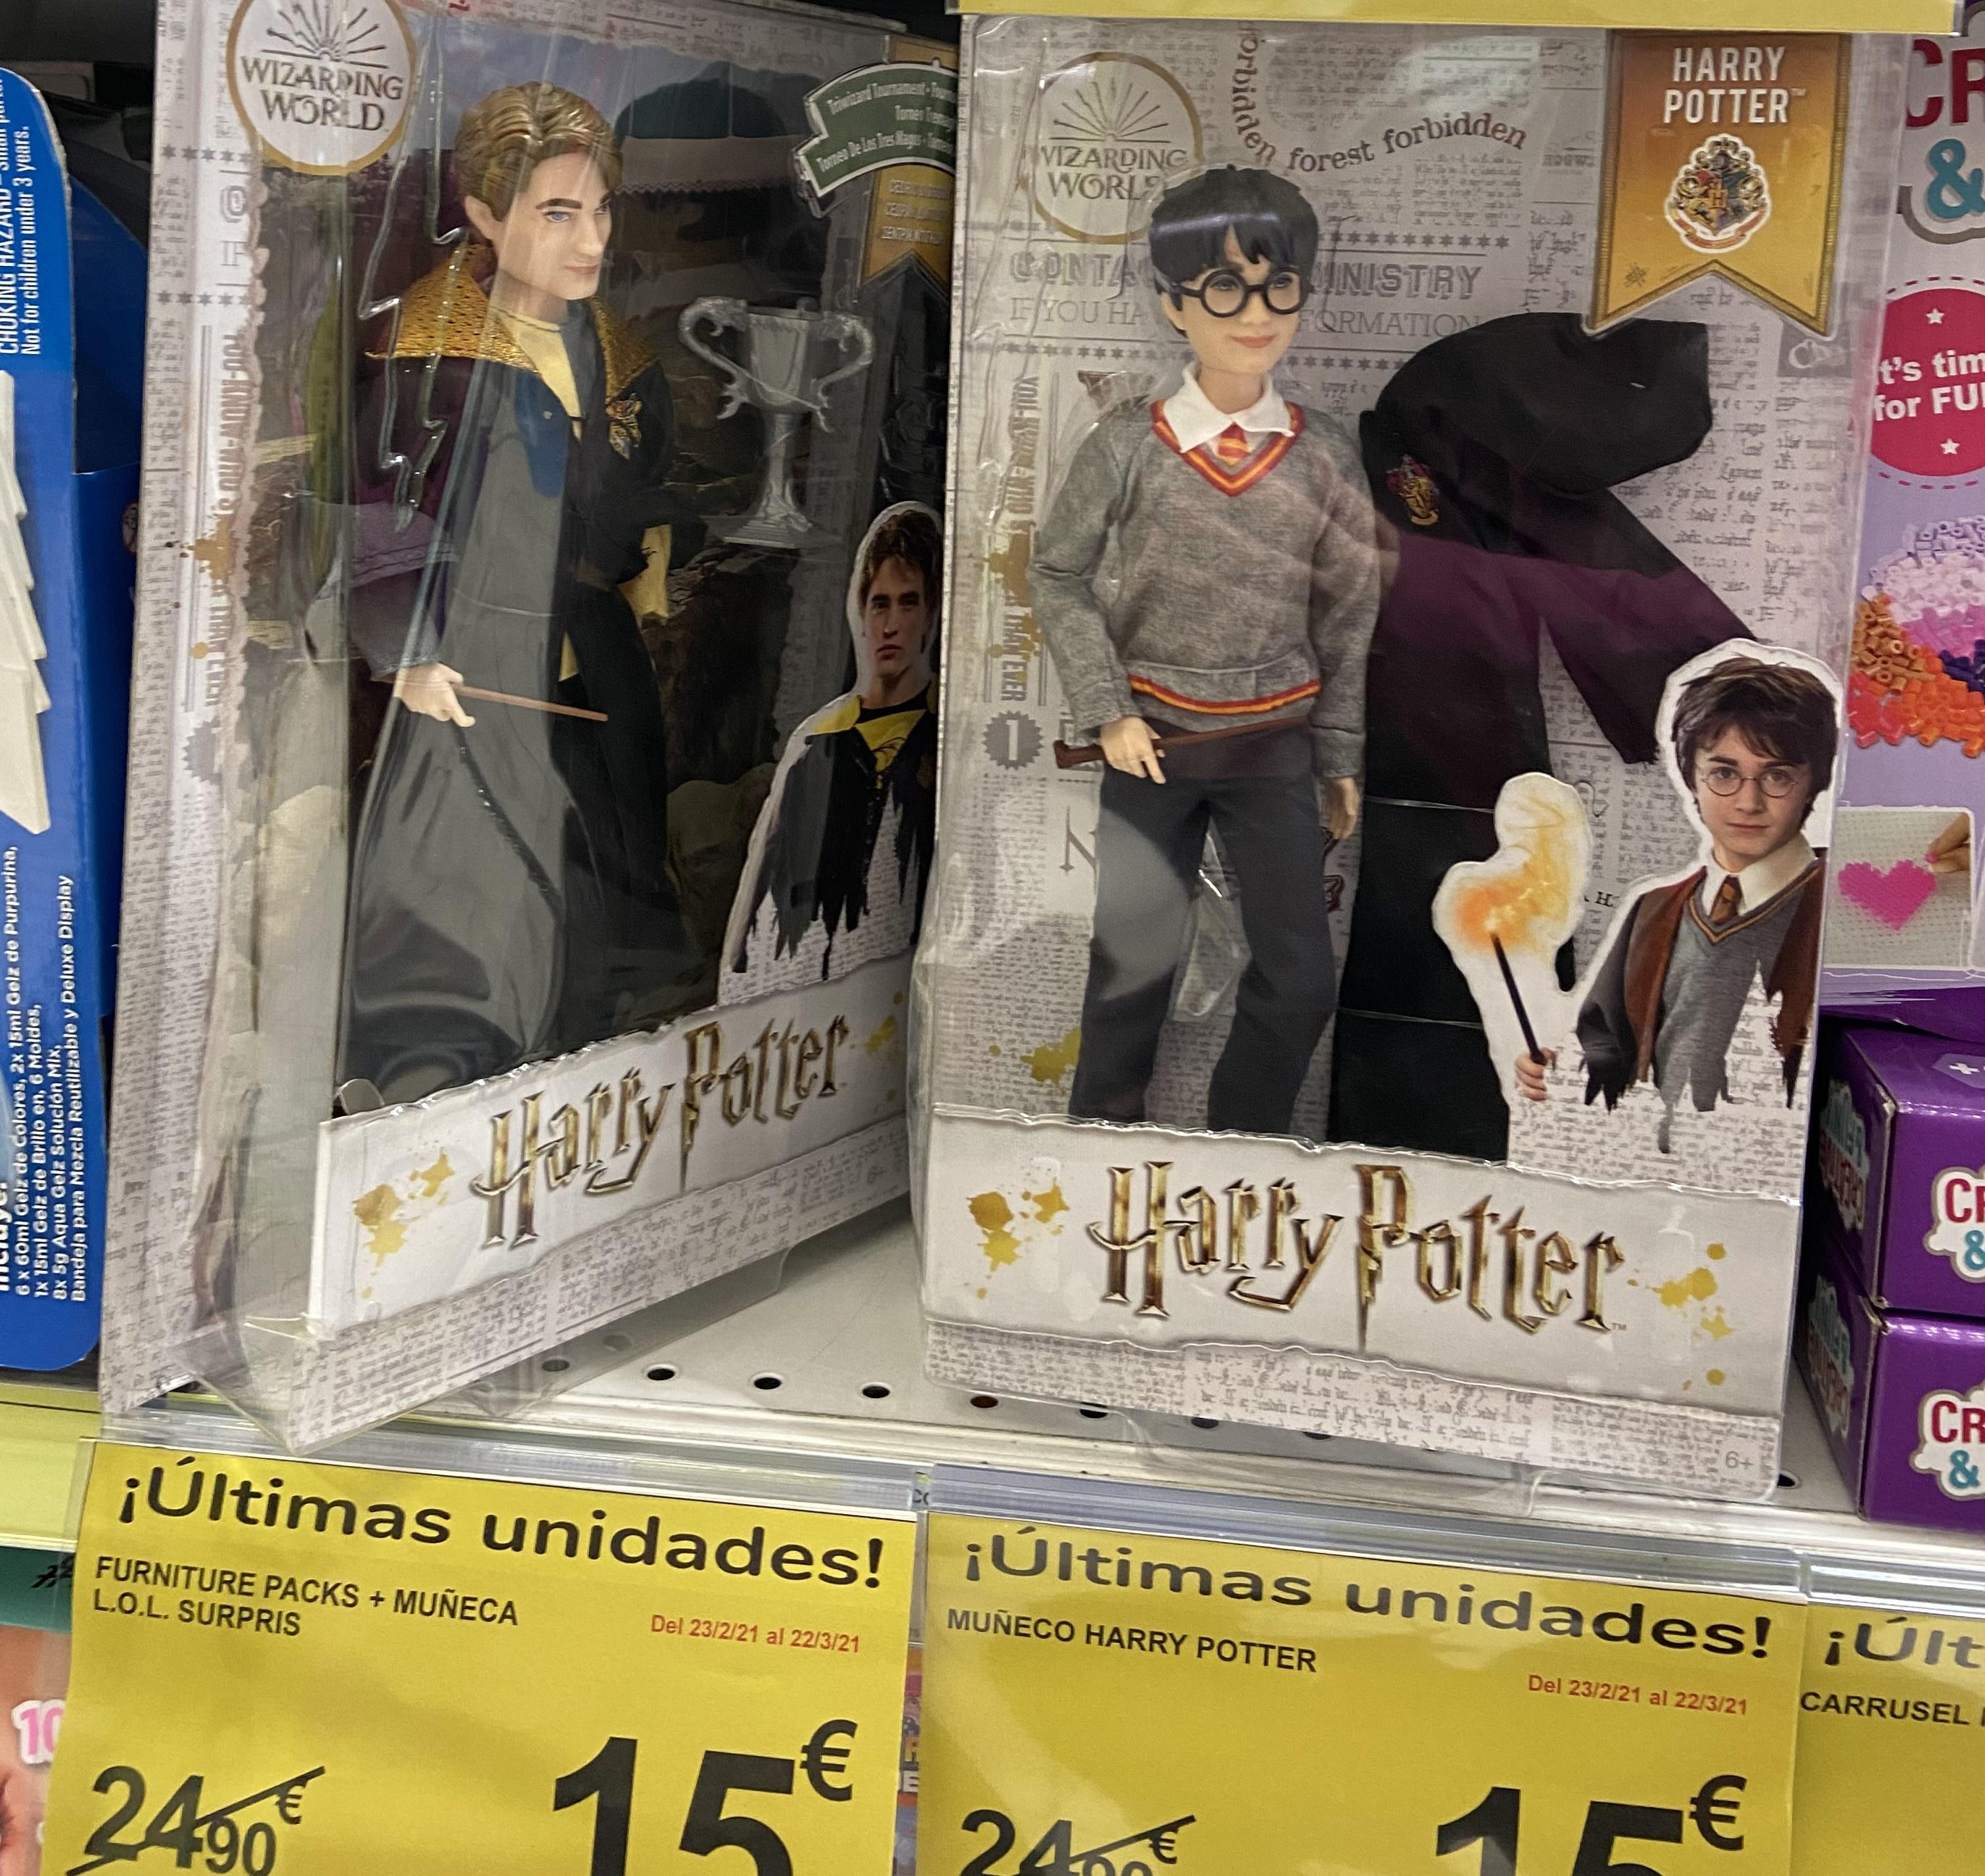 Muñecos Harry Potter en Carrefour Fuenlabrada